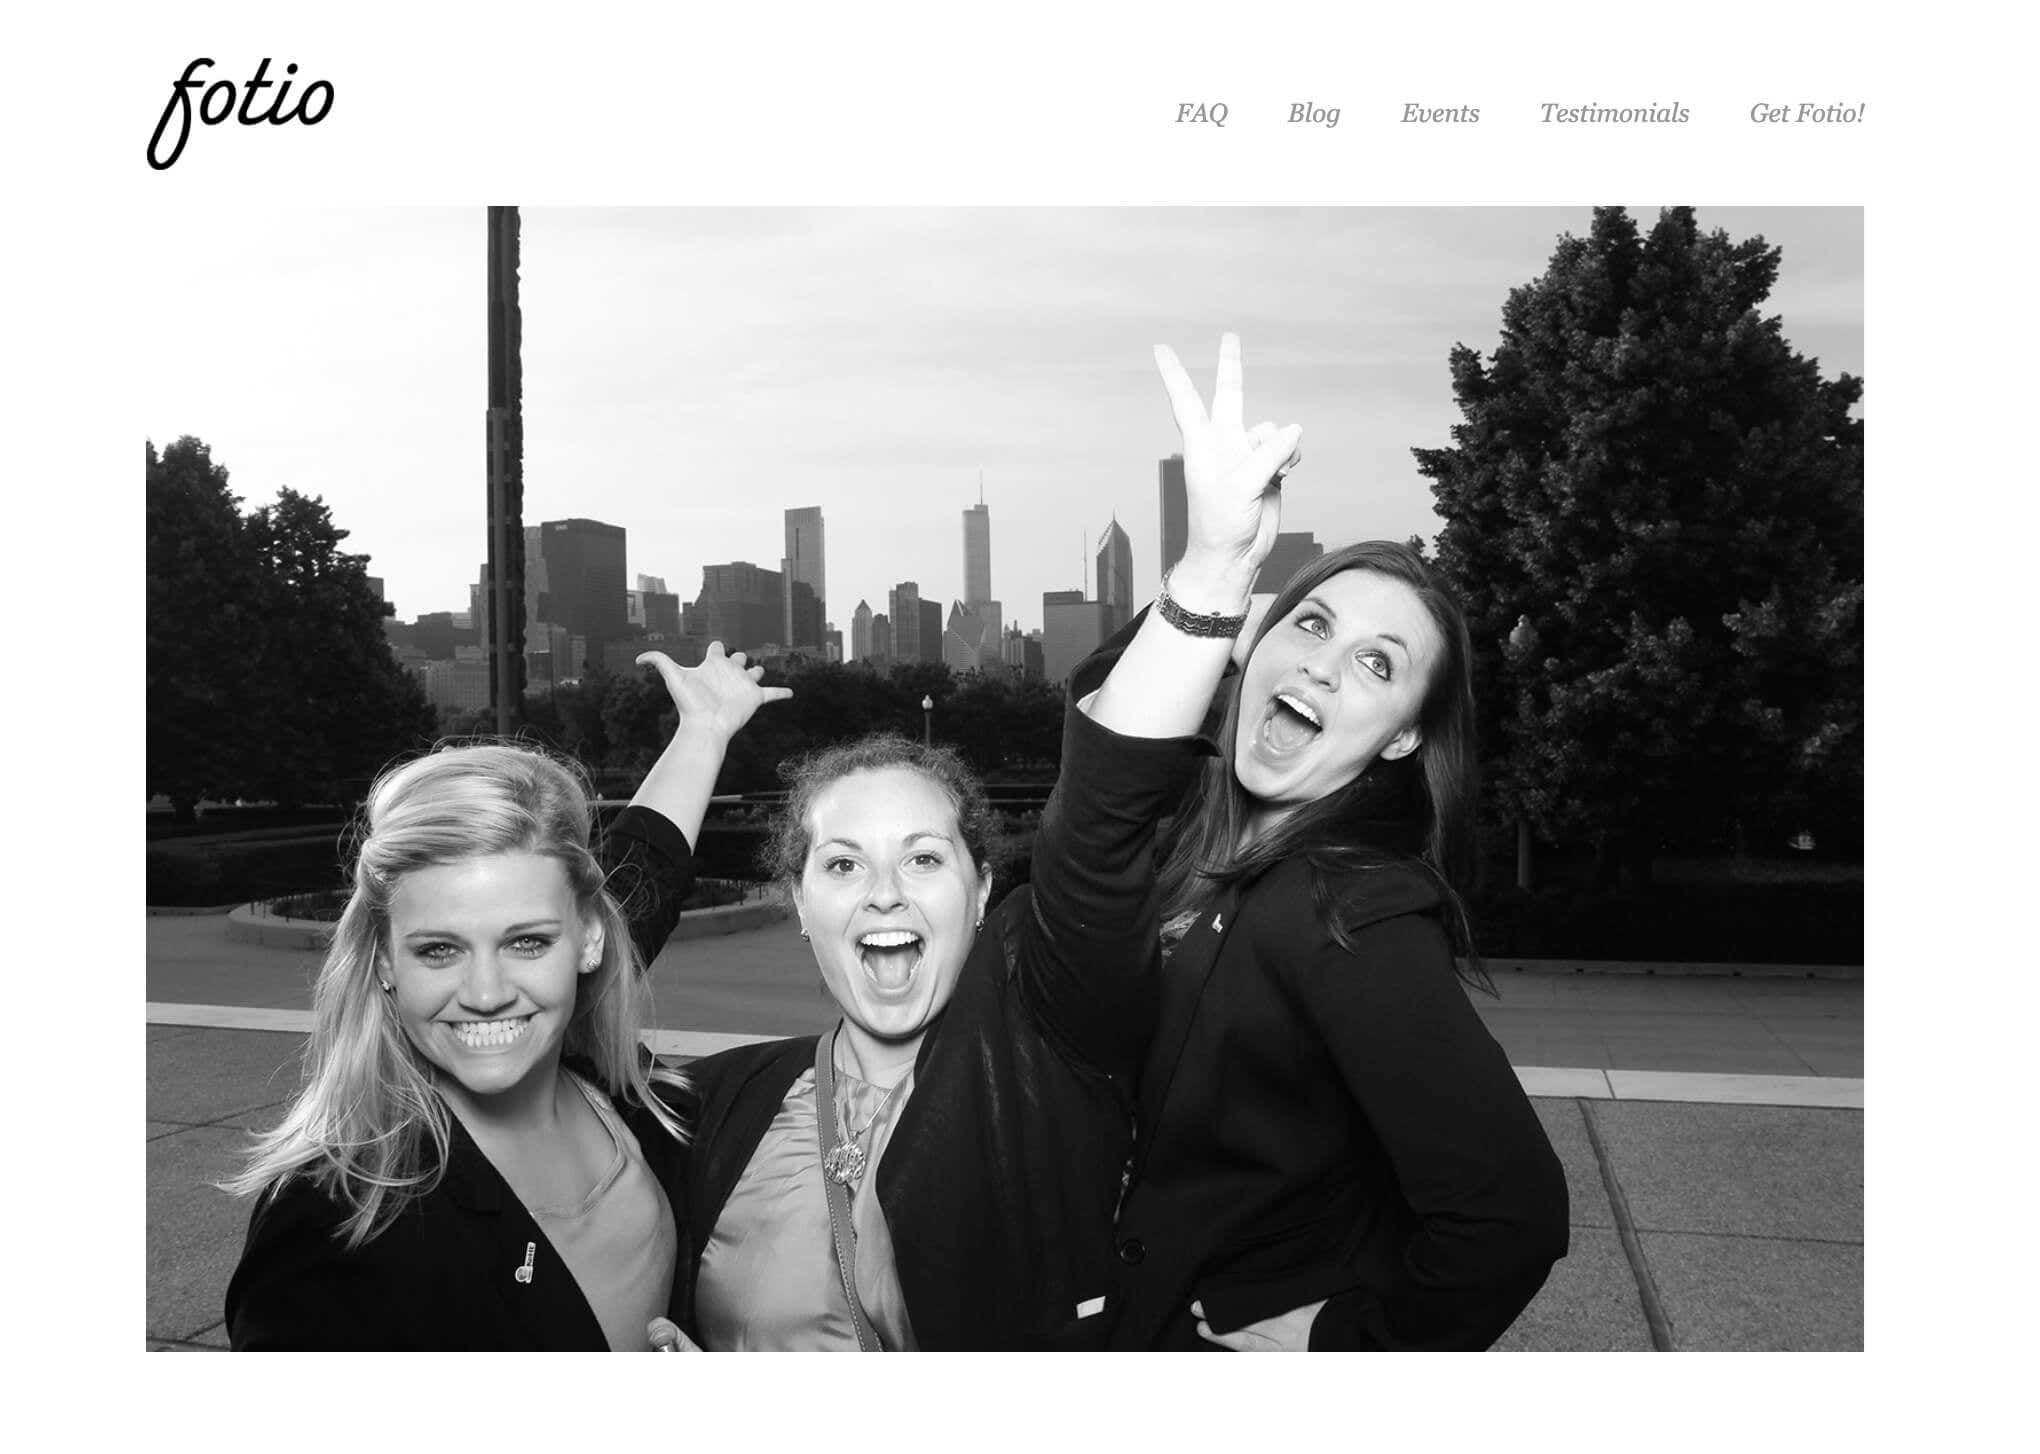 fotio website design